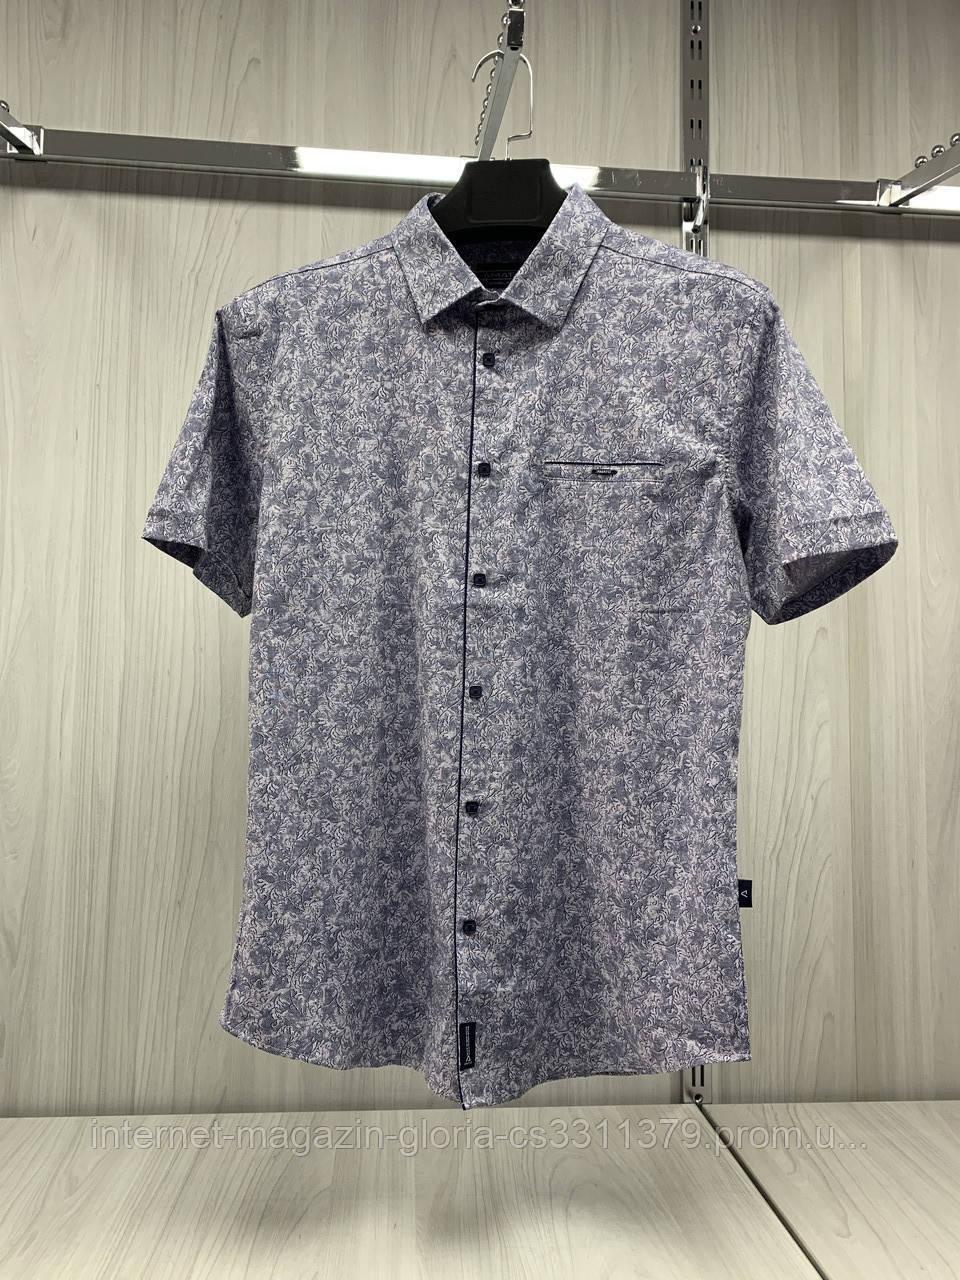 Мужская рубашка Amato. AG.KG19836-v03. Размеры: M,L,XL,XXL.